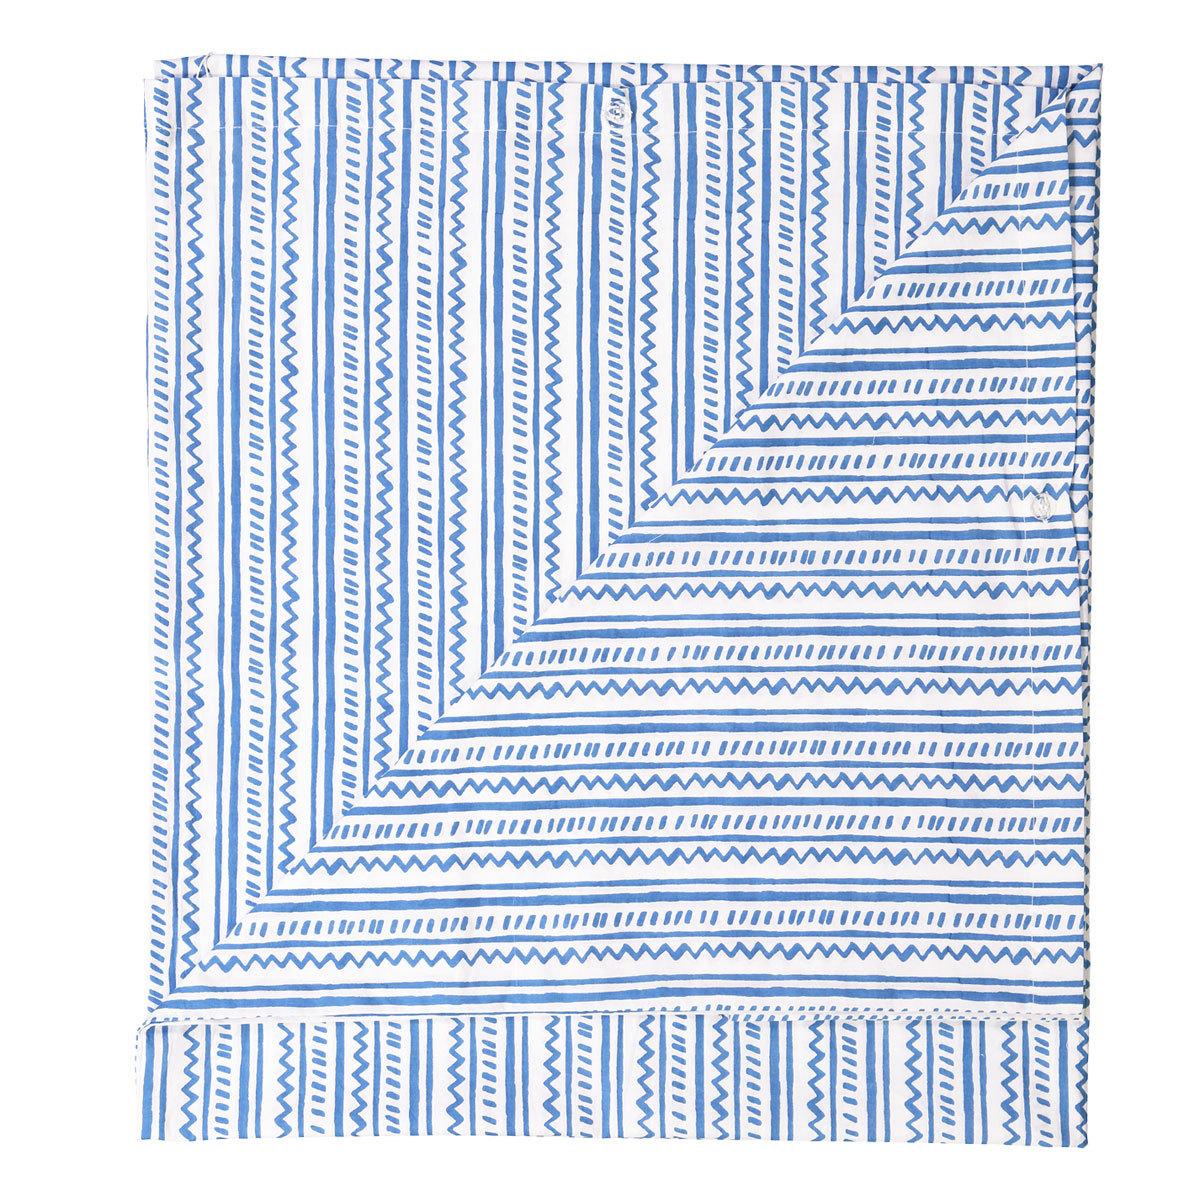 Linge de lit Parure Matisse Stripes - 100 x 140 cm Parure Matisse Stripes - 100 x 140 cm